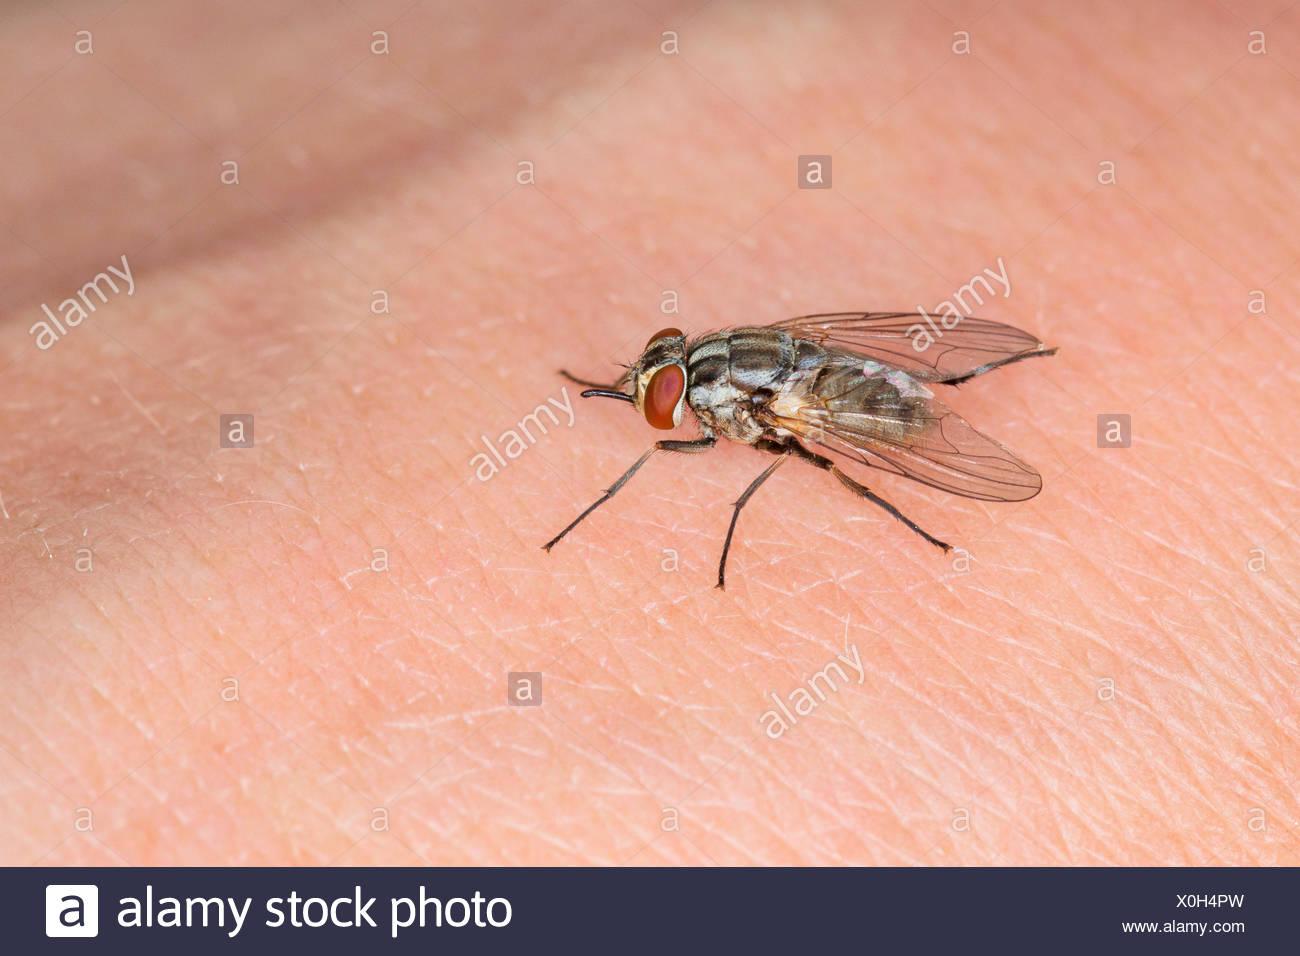 Biting Flies Stock Photos & Biting Flies Stock Images - Alamy